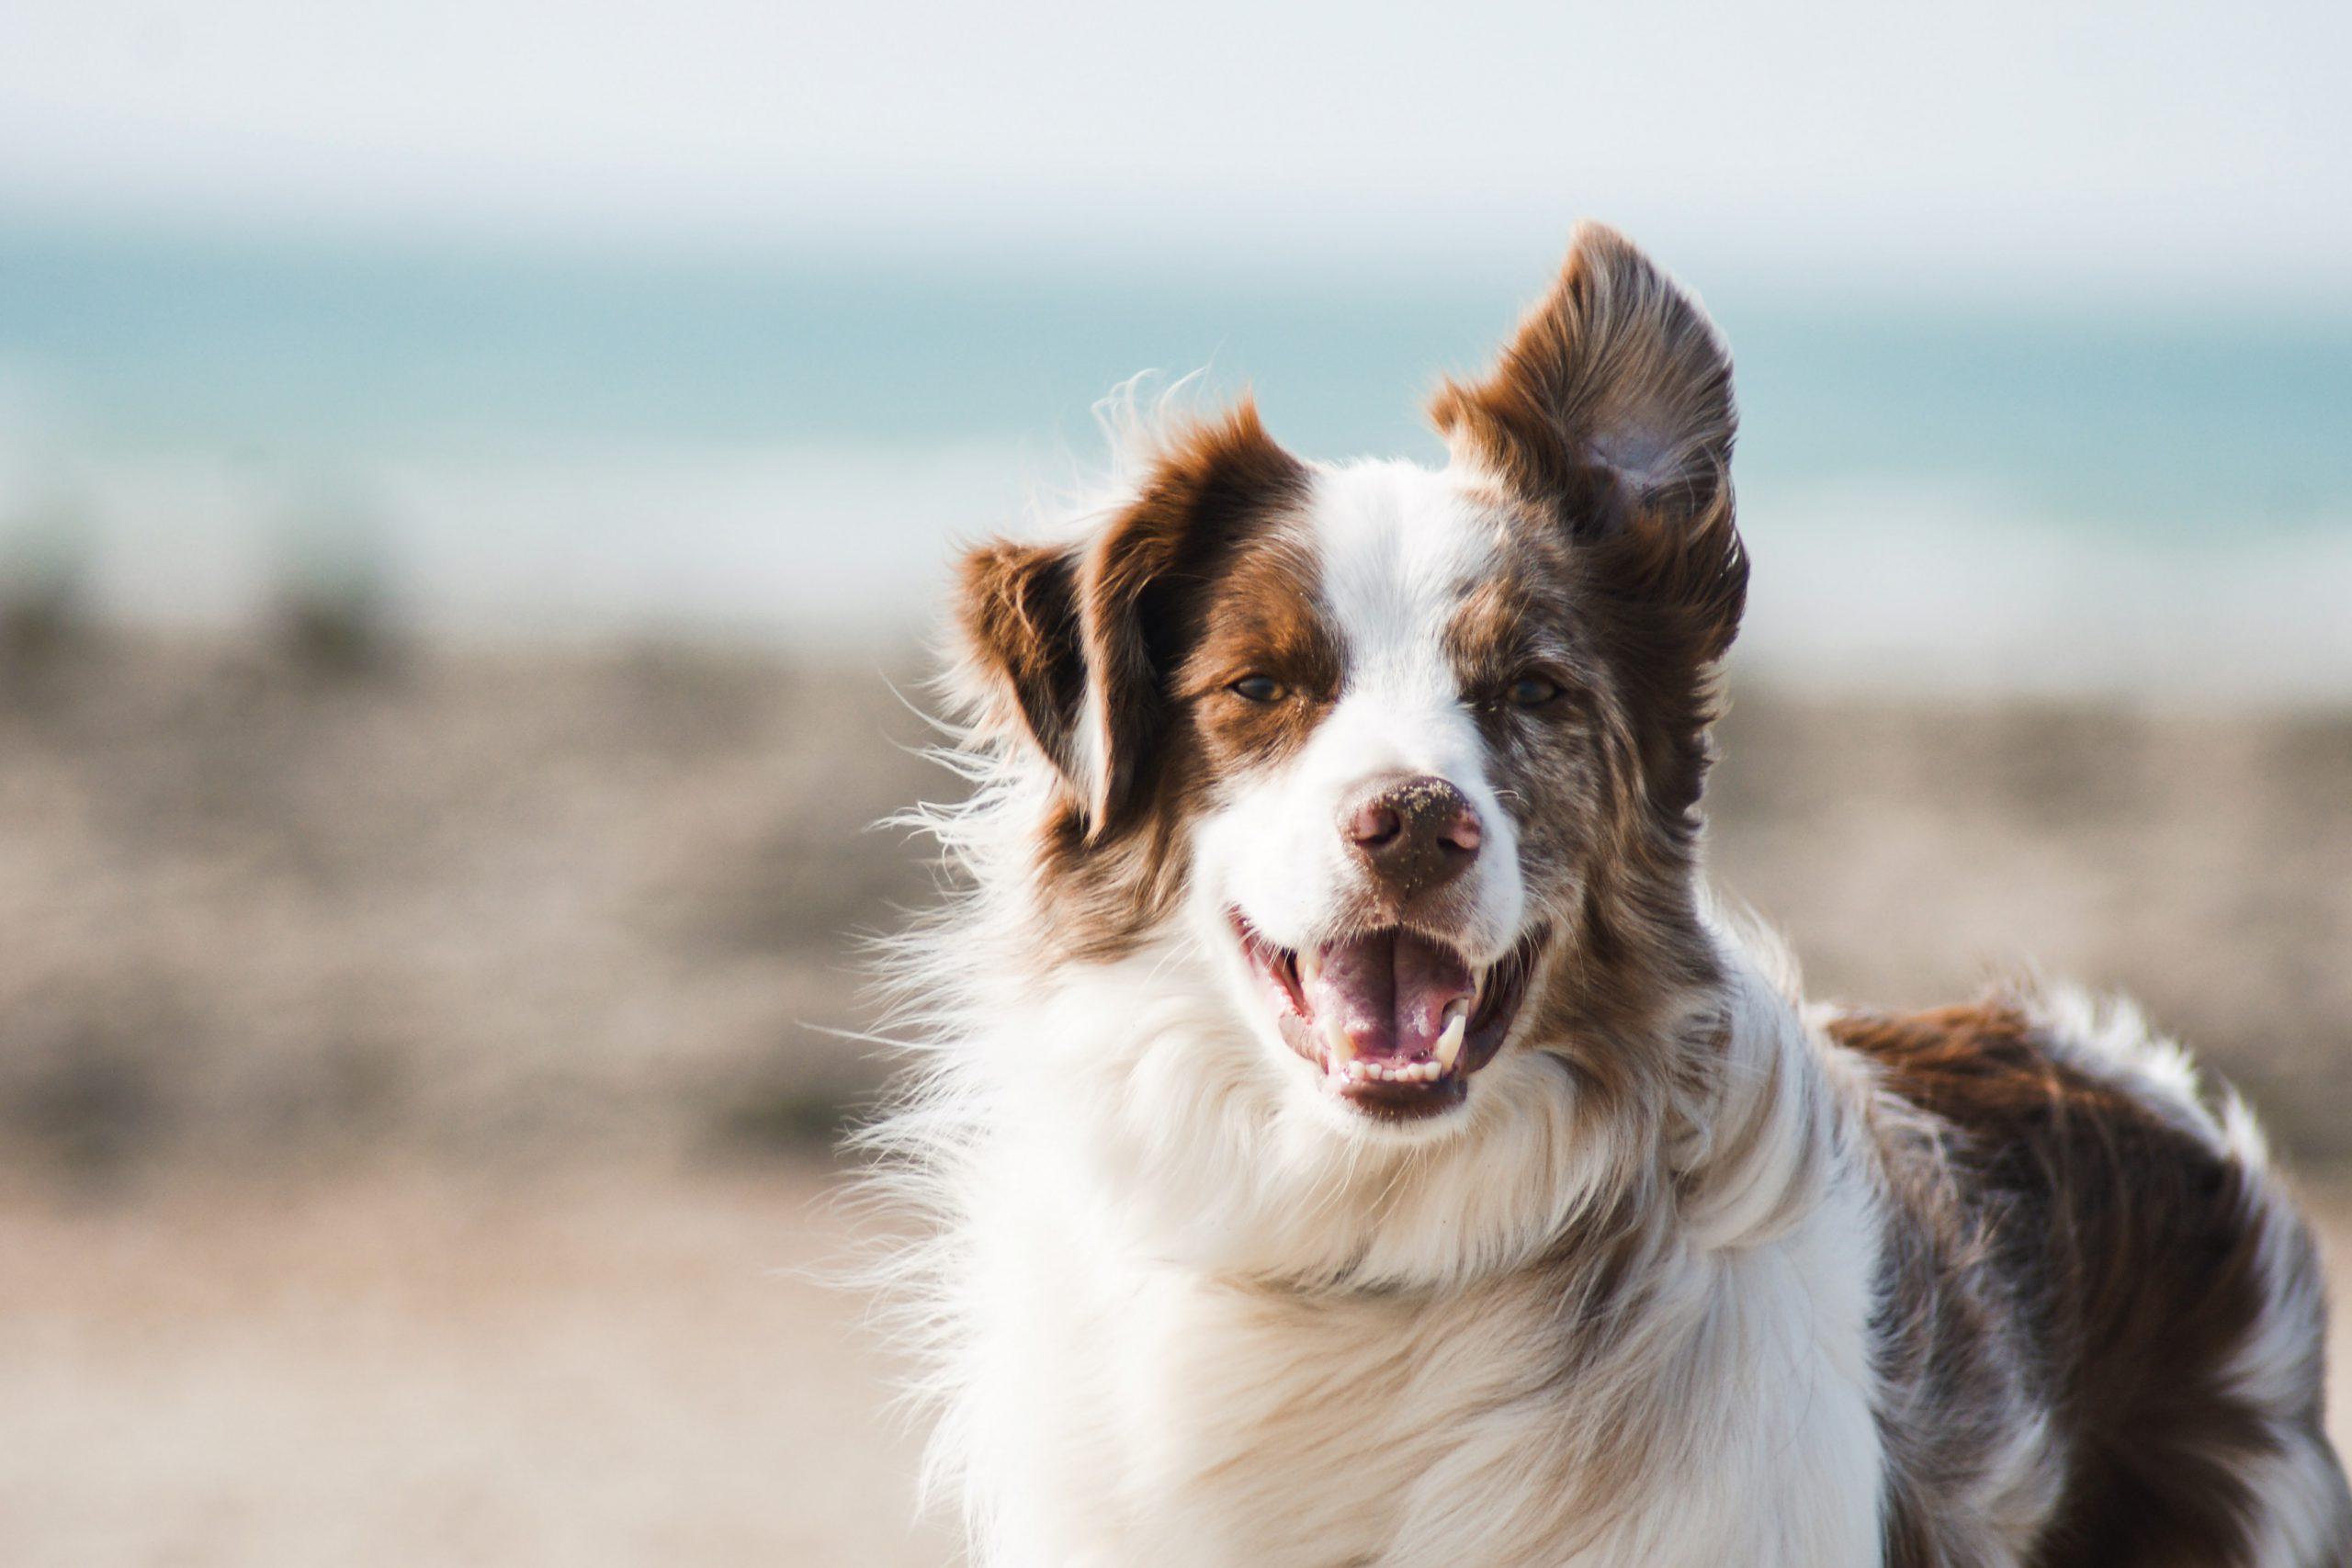 dog photo 2